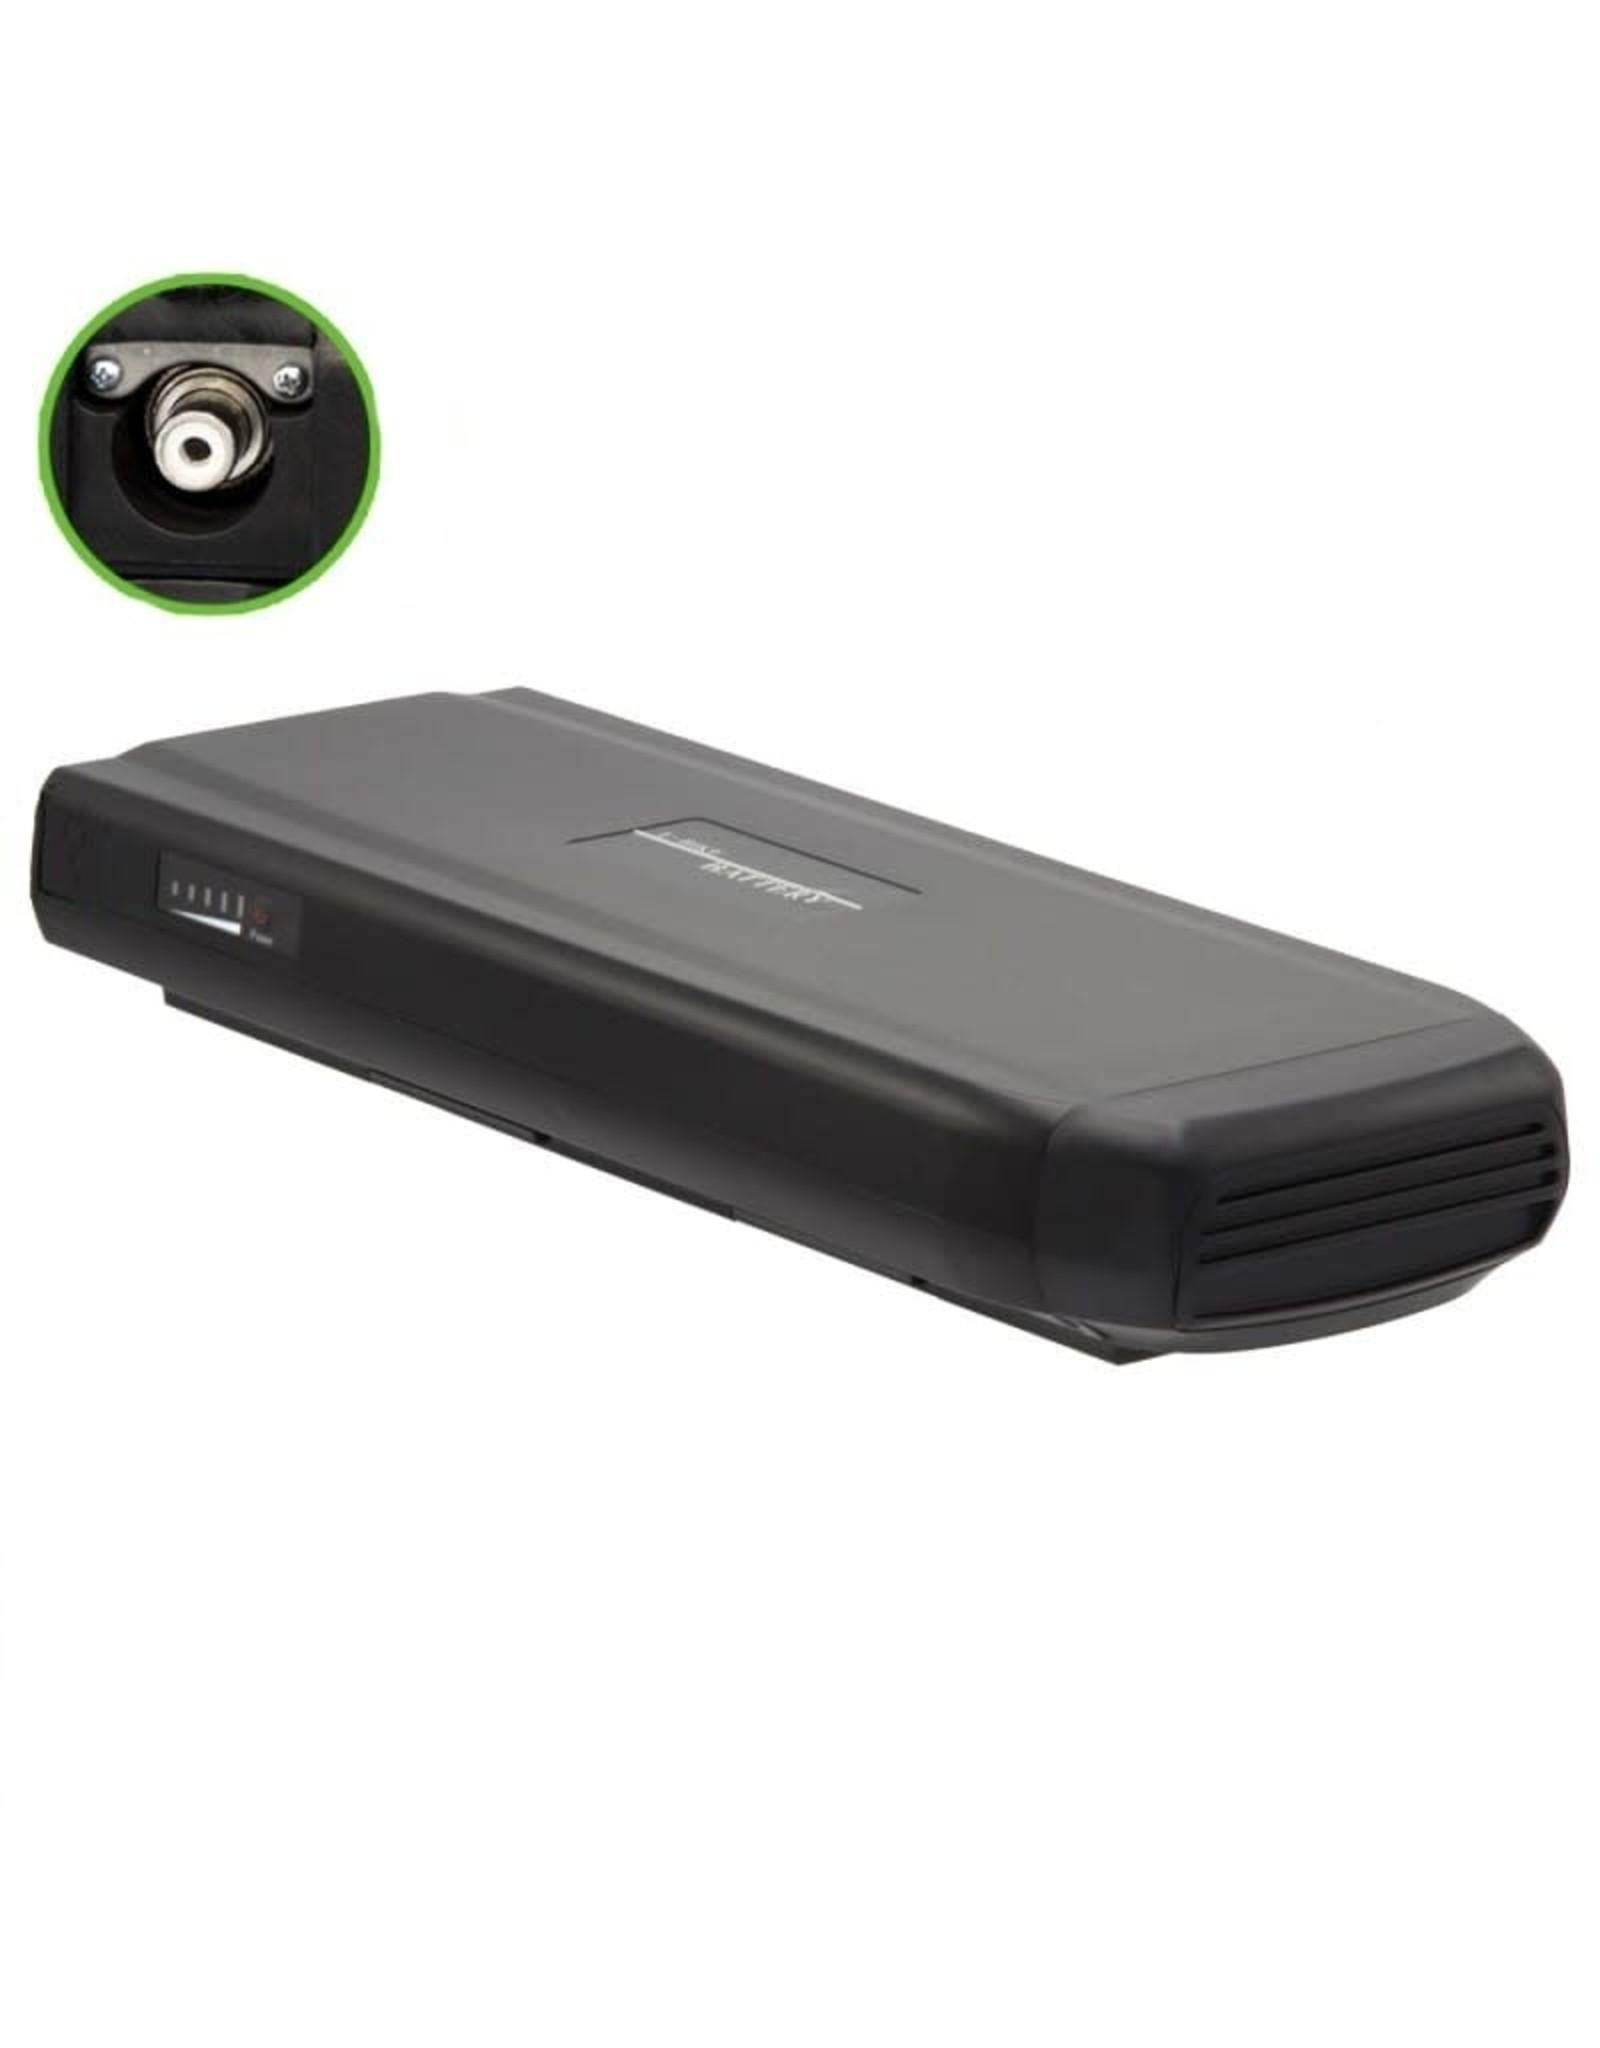 Batterie  36V 12.5Ah  450Wh Phylion XH370-13J Wall-ES Joycube 36V 12.5Ah pour vélo électrique support arrière